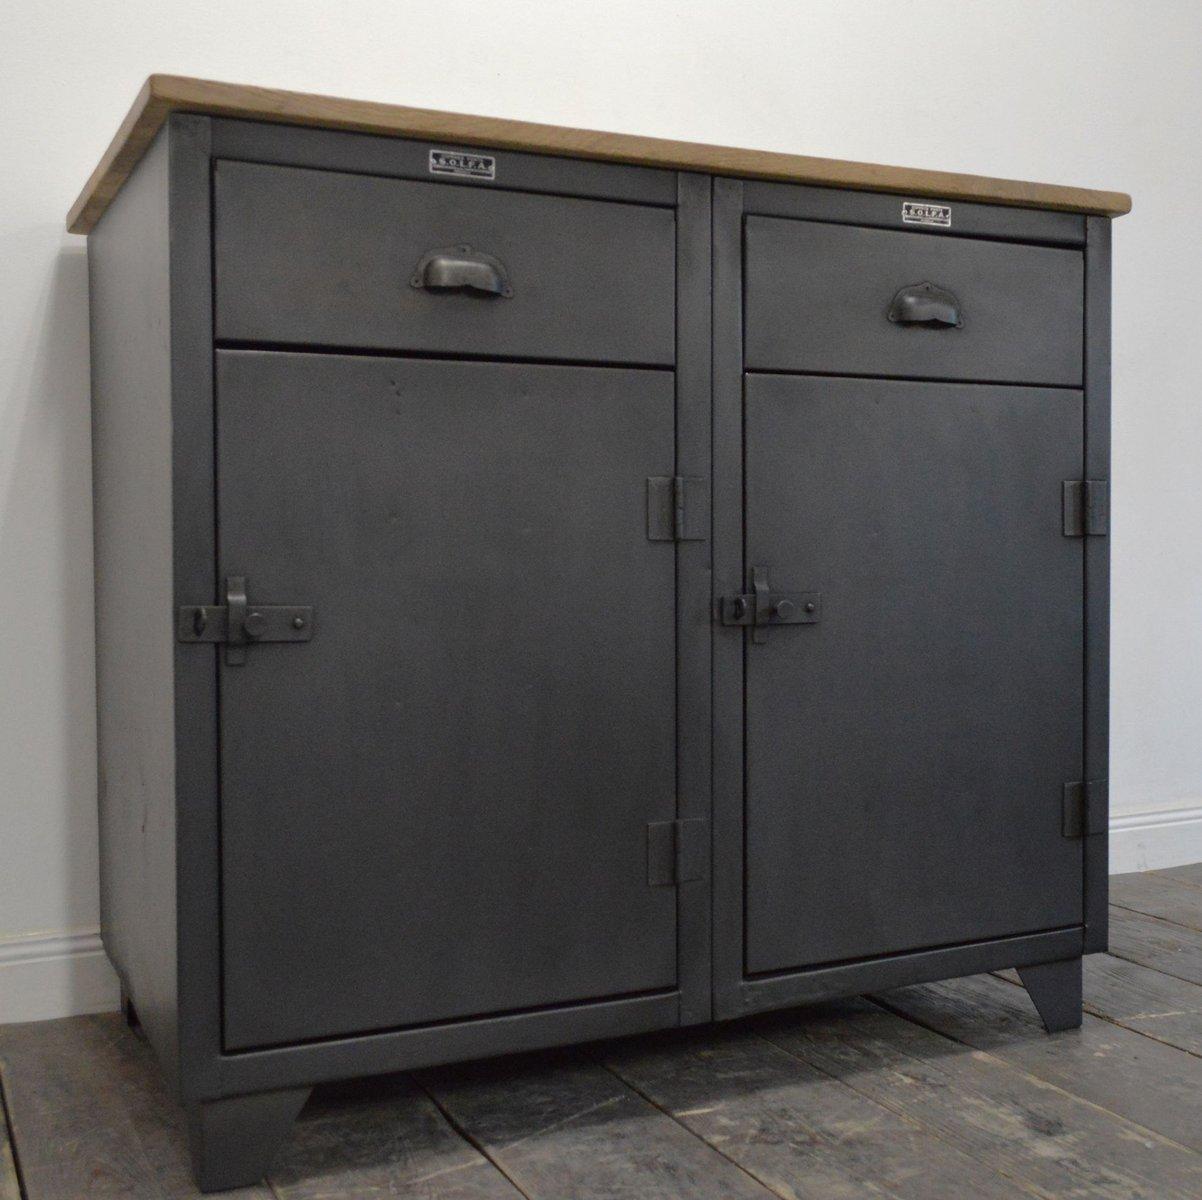 meuble vintage industriel de solfa - Meuble Vintage